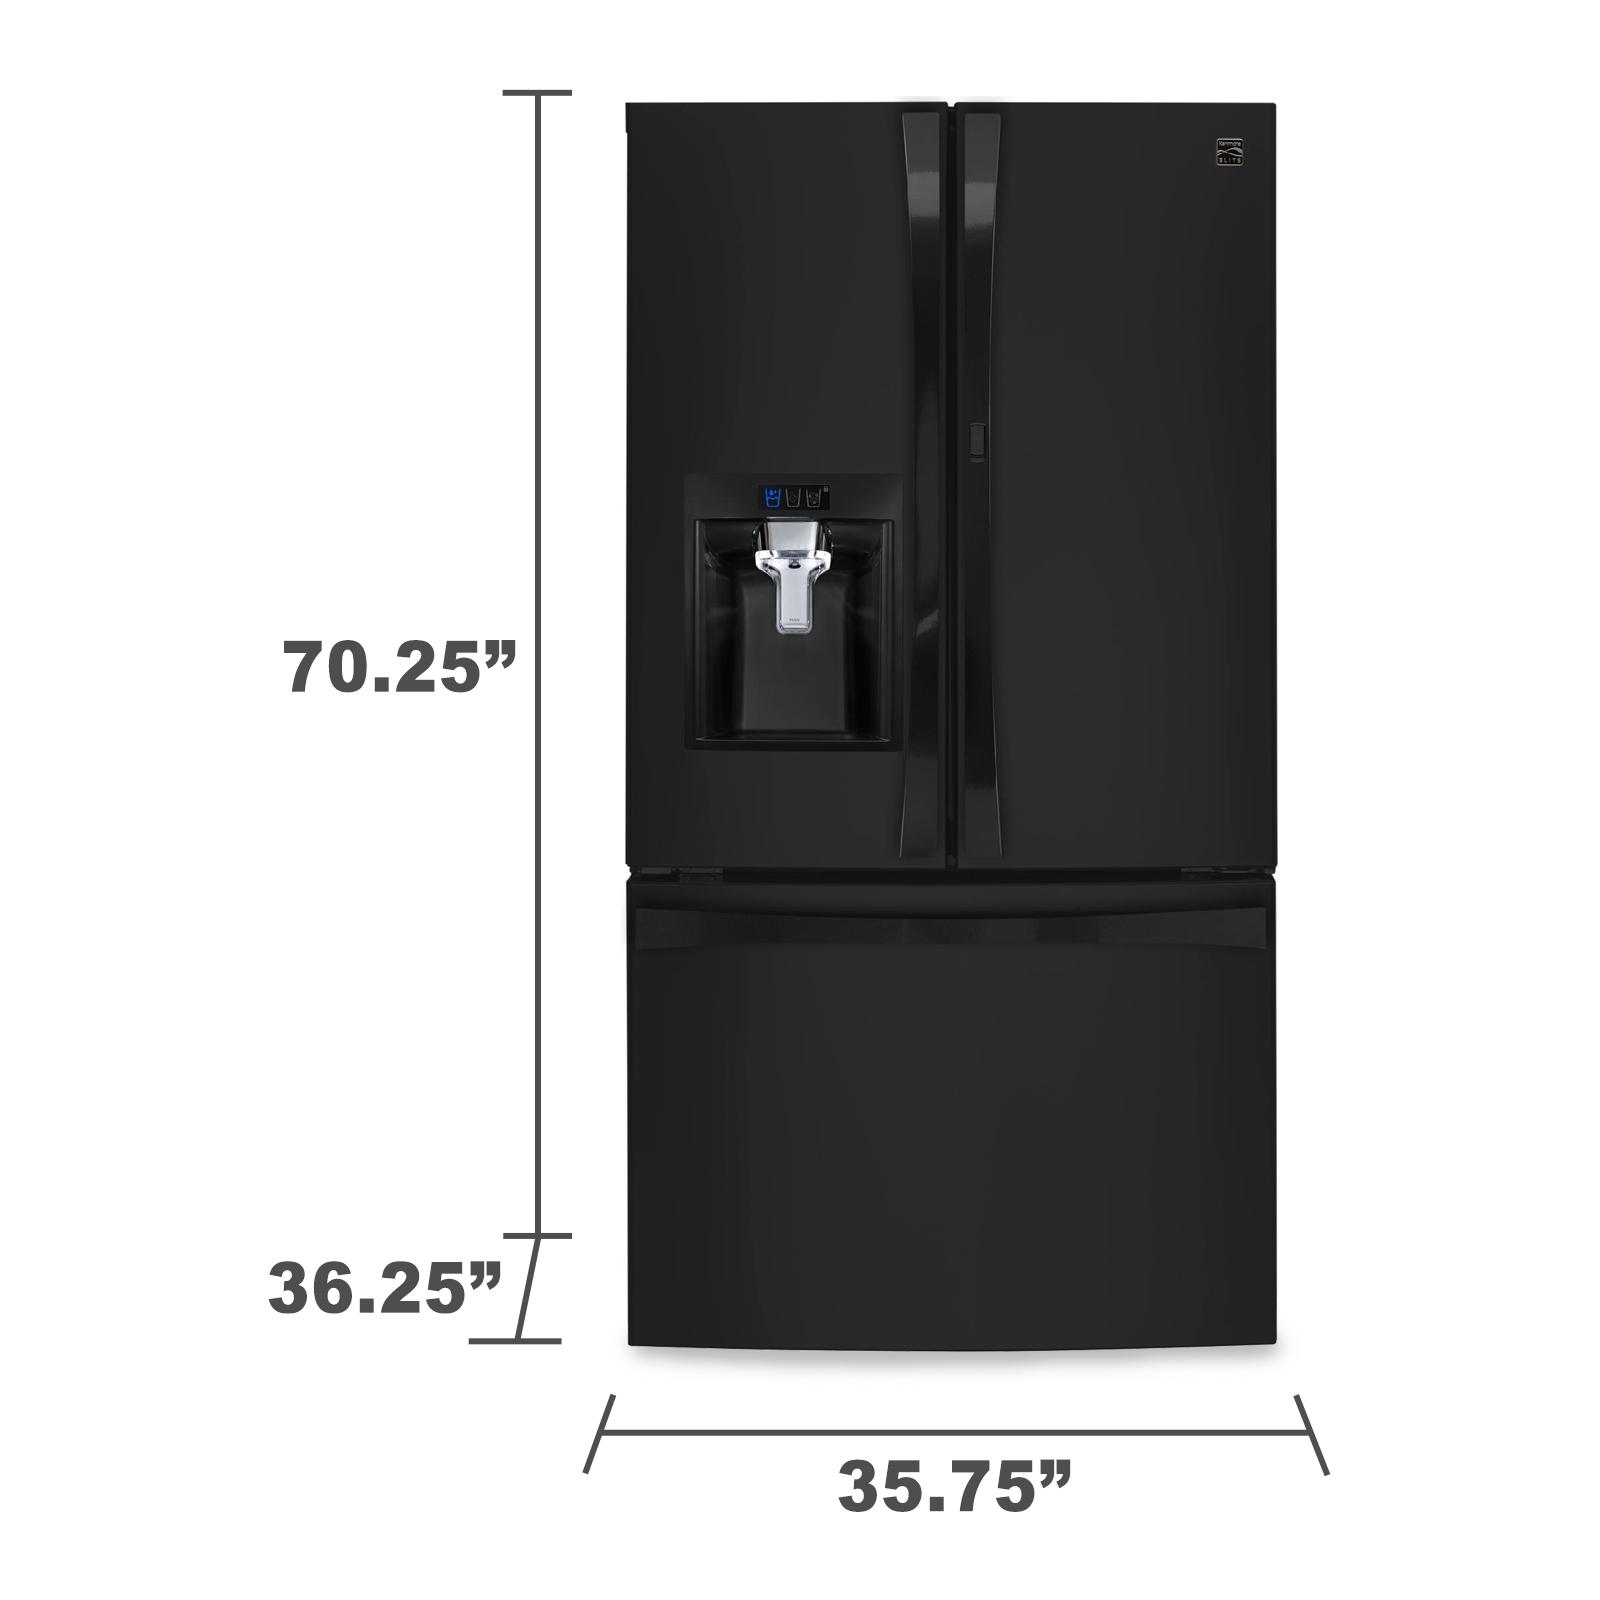 Kenmore Elite 74039 29.6 cu. ft. Black French Door Refrigerator with Bottom Freezer